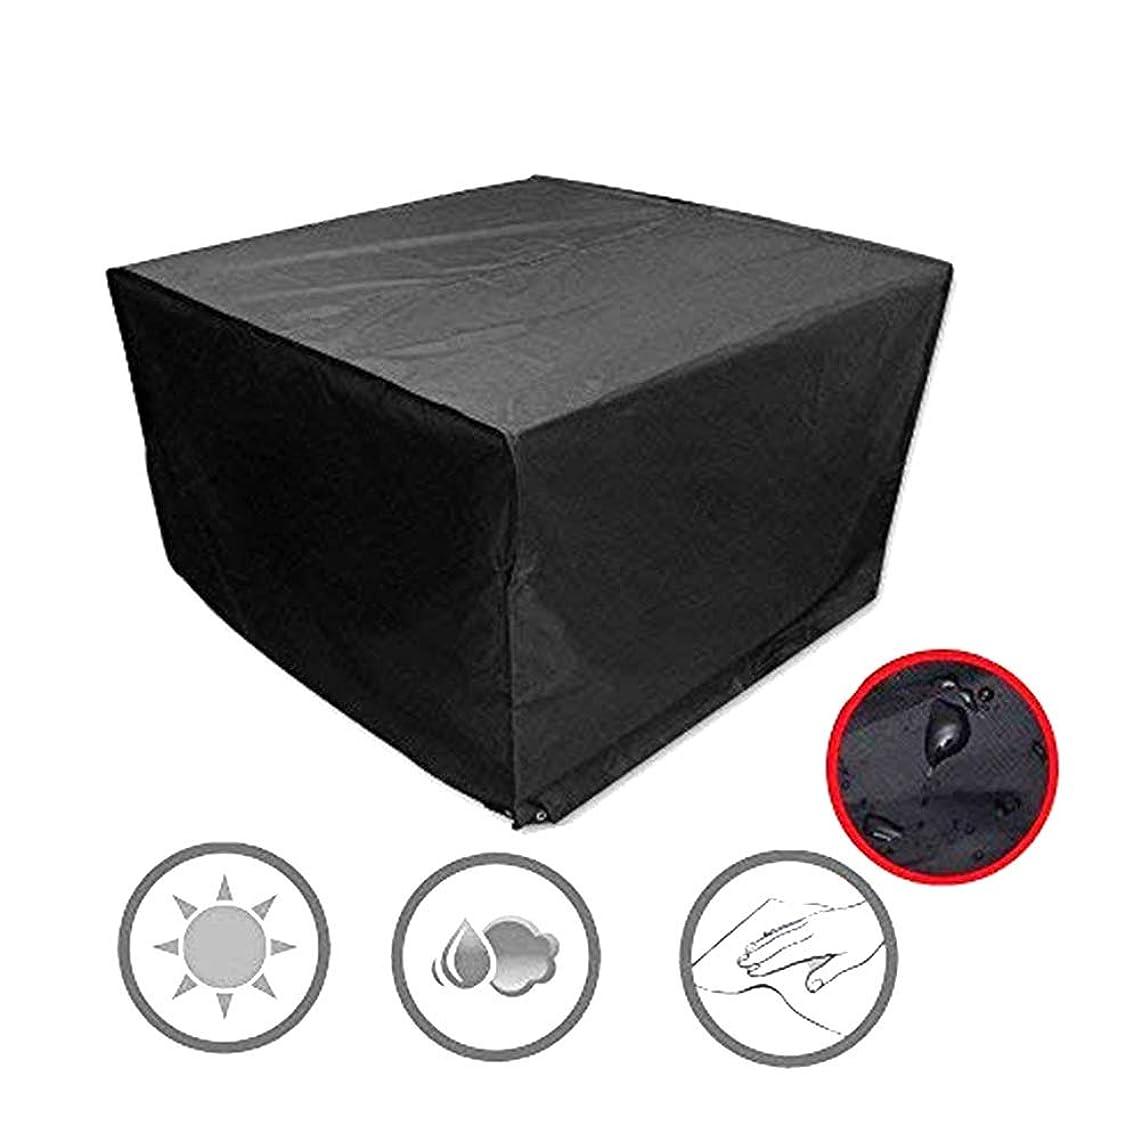 オアシス七面鳥慰めSHIJINHAO ガーデン屋外カバーテーブル 、パティオ テラステーブルと椅子カバー 防水 防塵 オックスフォード ガーデニングアクセサリー 、26サイズ (Color : Black, Size : 1.6x1.4x1m)